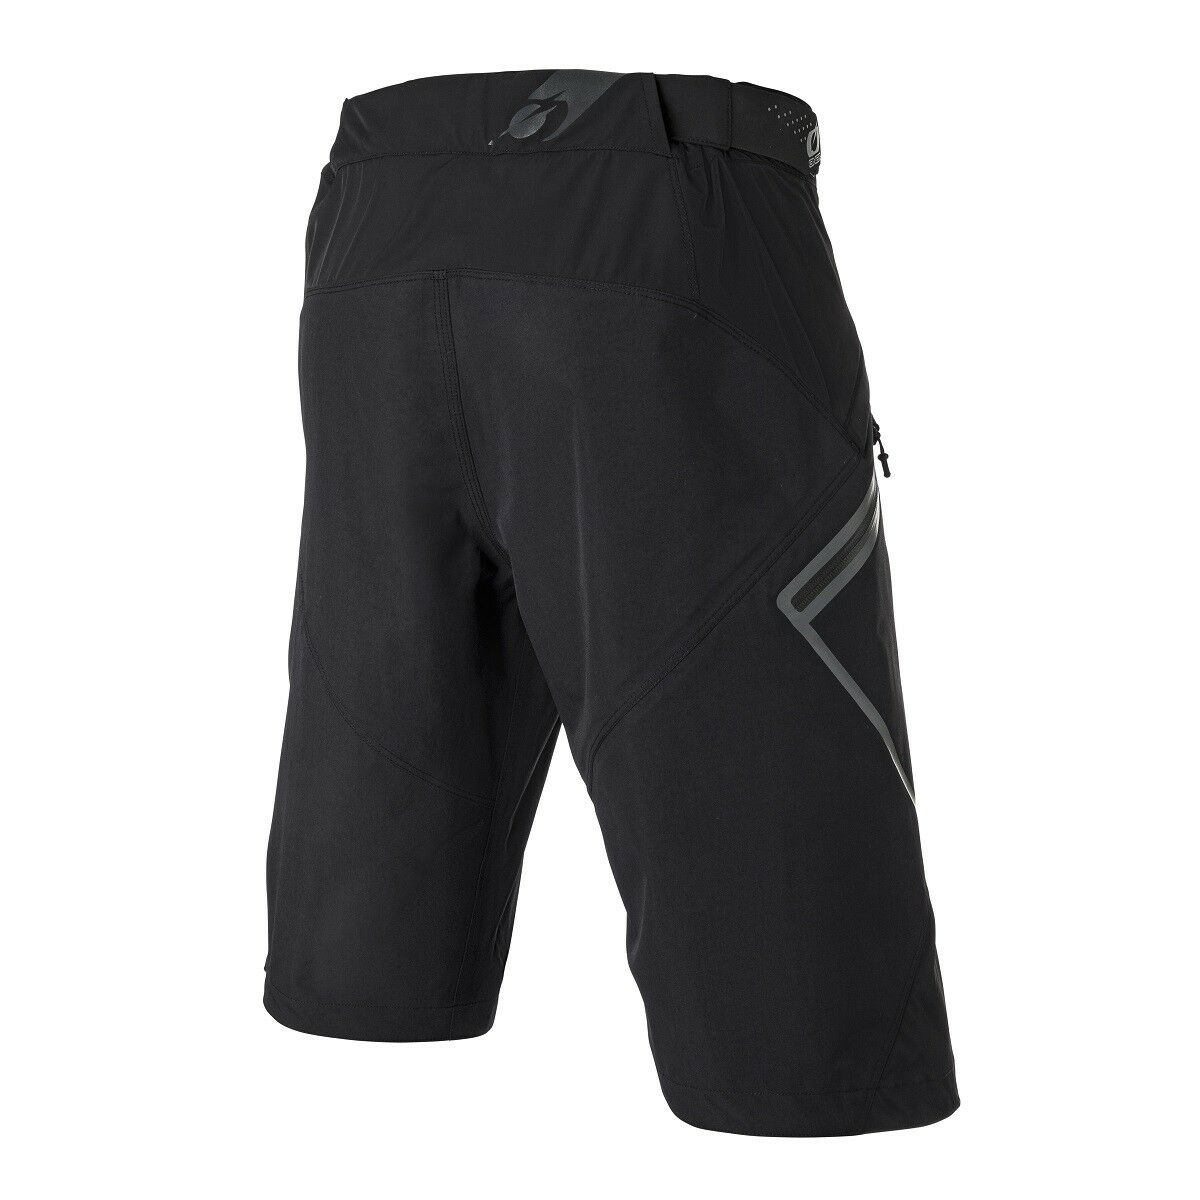 O'Neal All Mountain MUD Shorts, Fahrradhose MTB Mountainbike Mountainbike Mountainbike Downhill DH Hose cd84c3